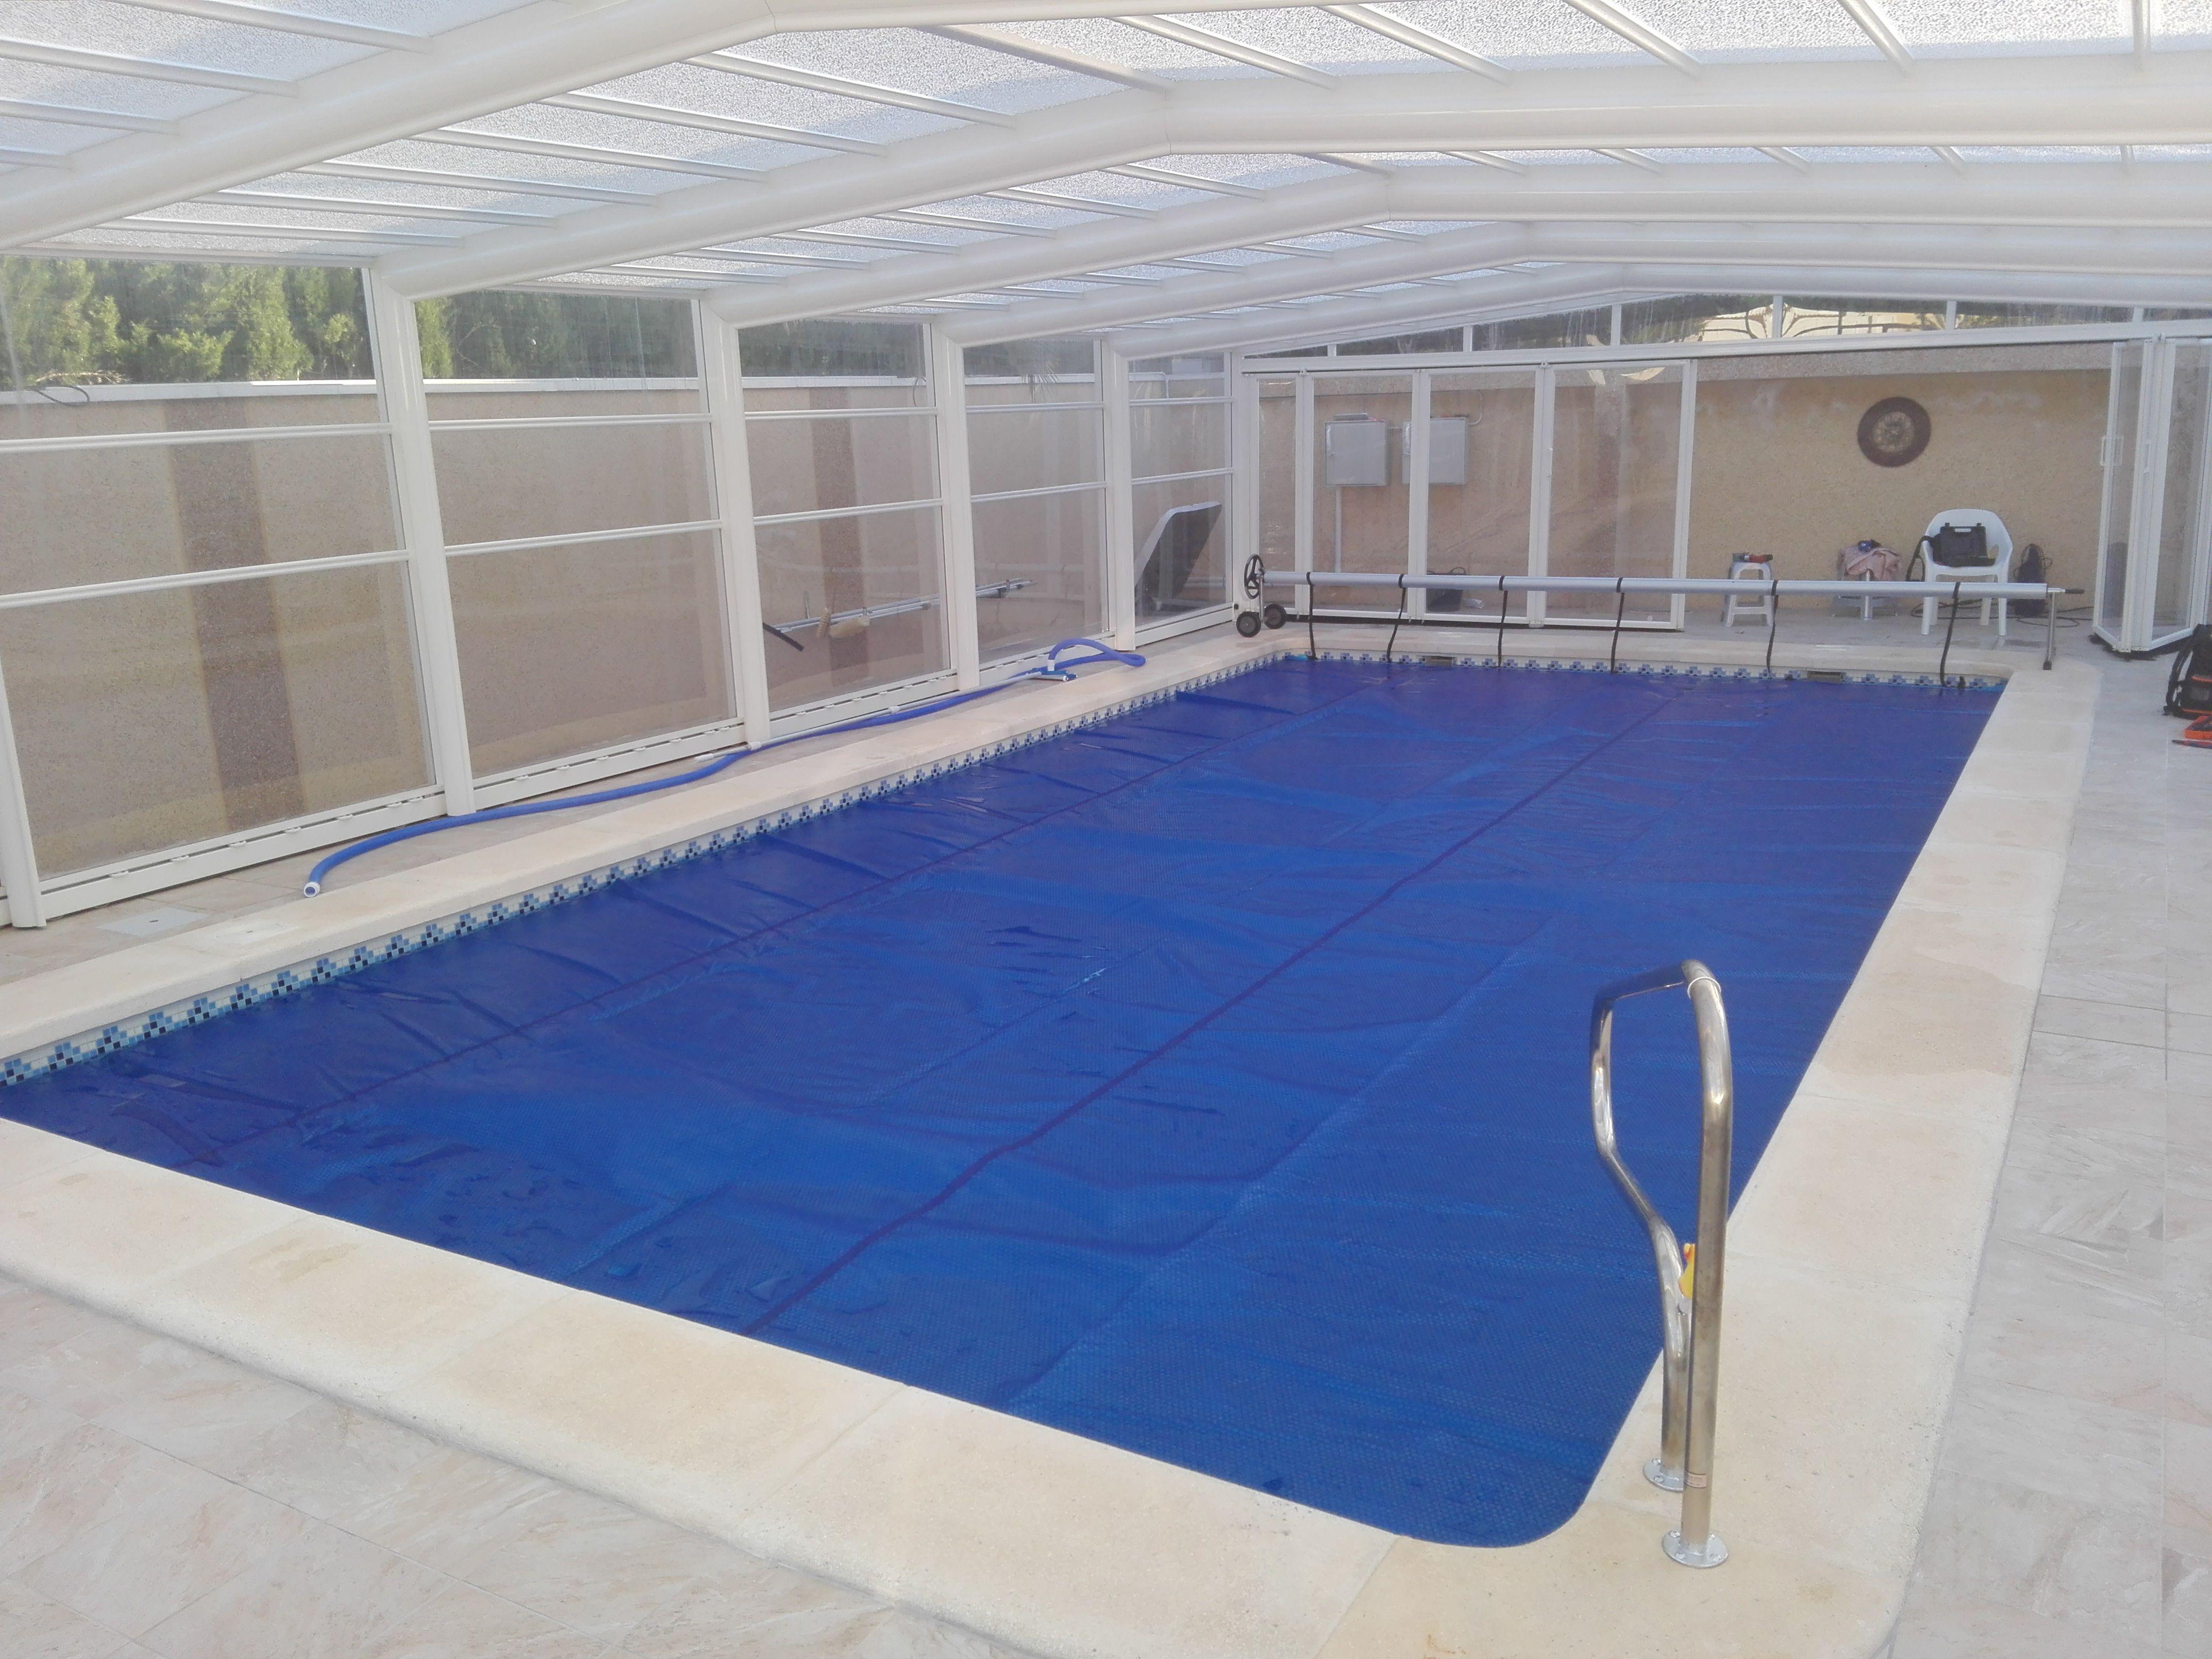 Mantas t rmicas lona de burbujas cubre piscinas se acabo tener el agua fria - Mantas termicas para piscinas ...